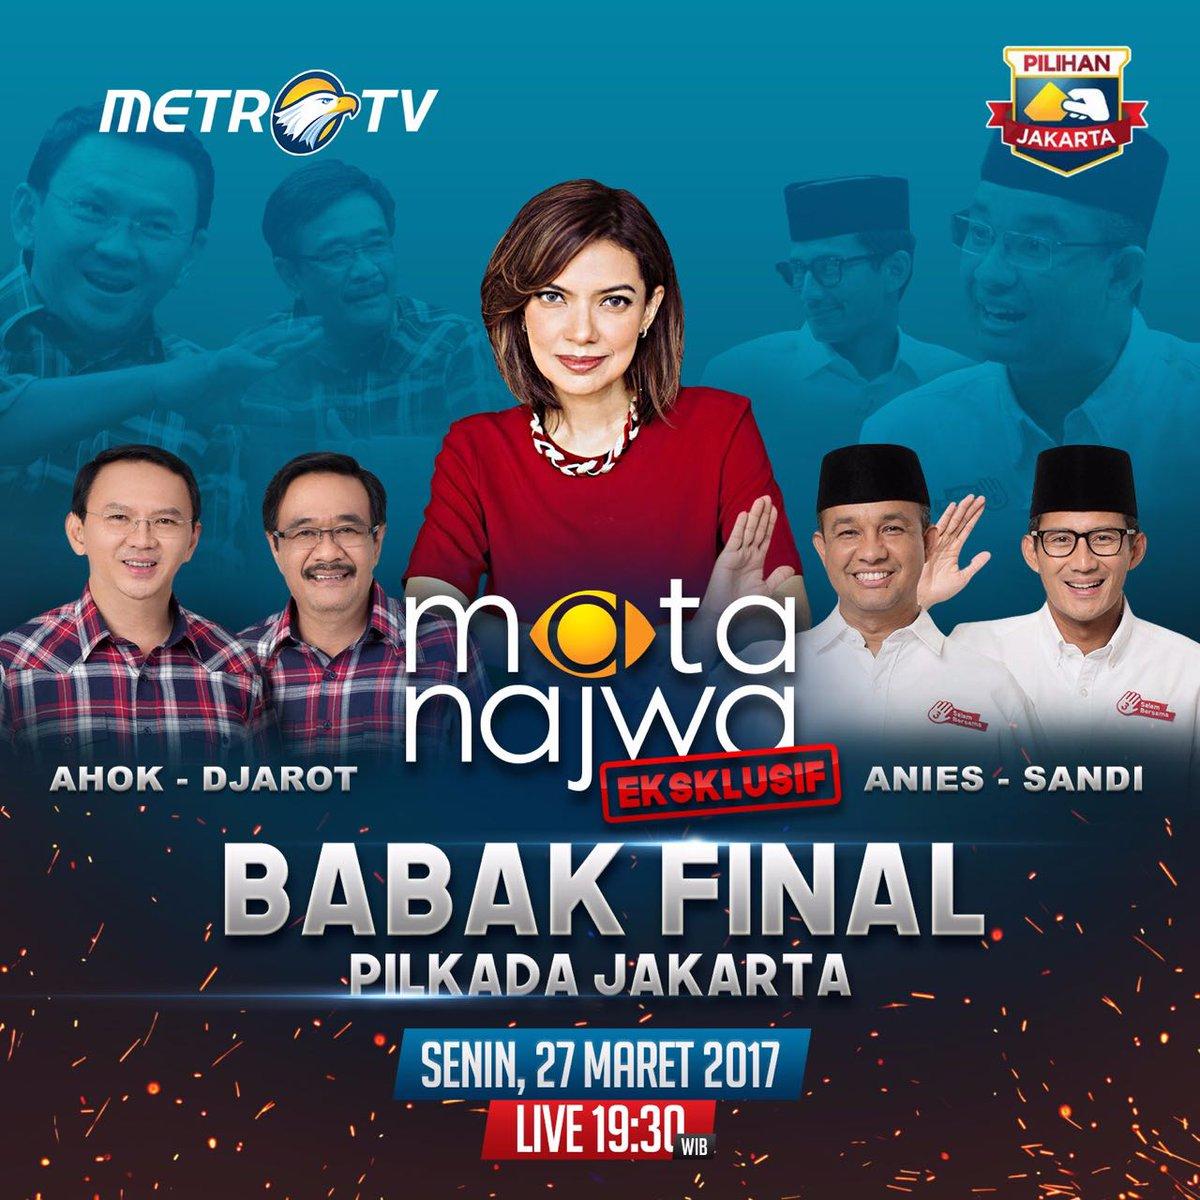 Mata Najwa Babak Final Pilkada DKI